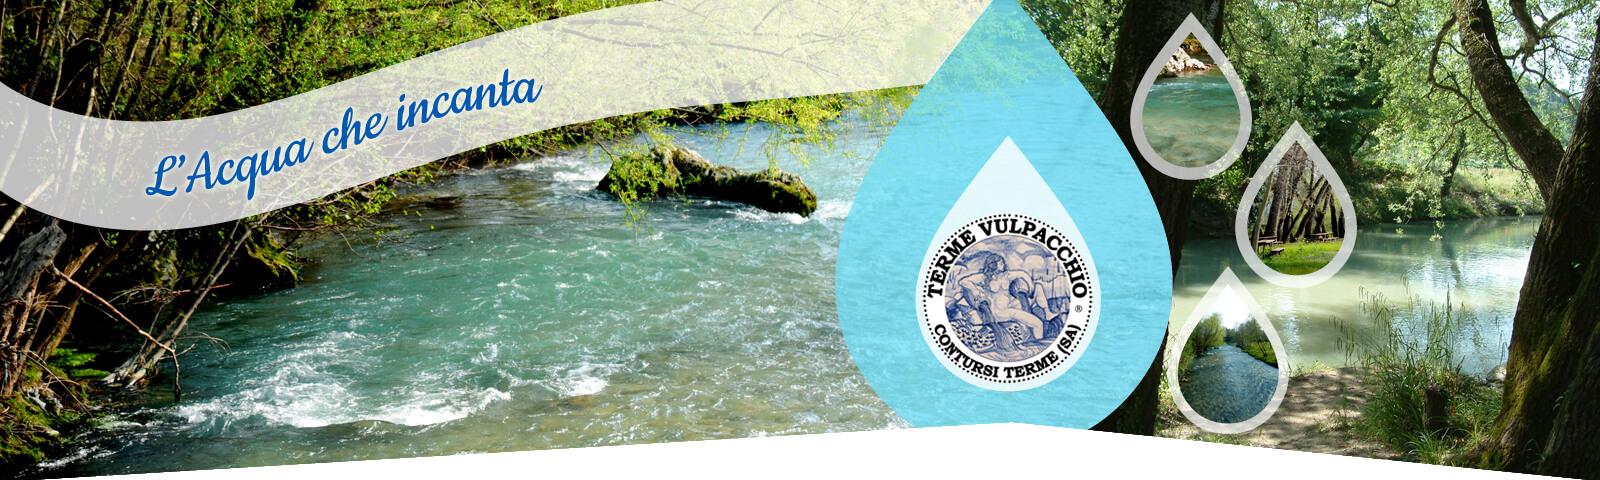 Terme vulpacchio il parco termale fluviale - Contursi terme piscine ...